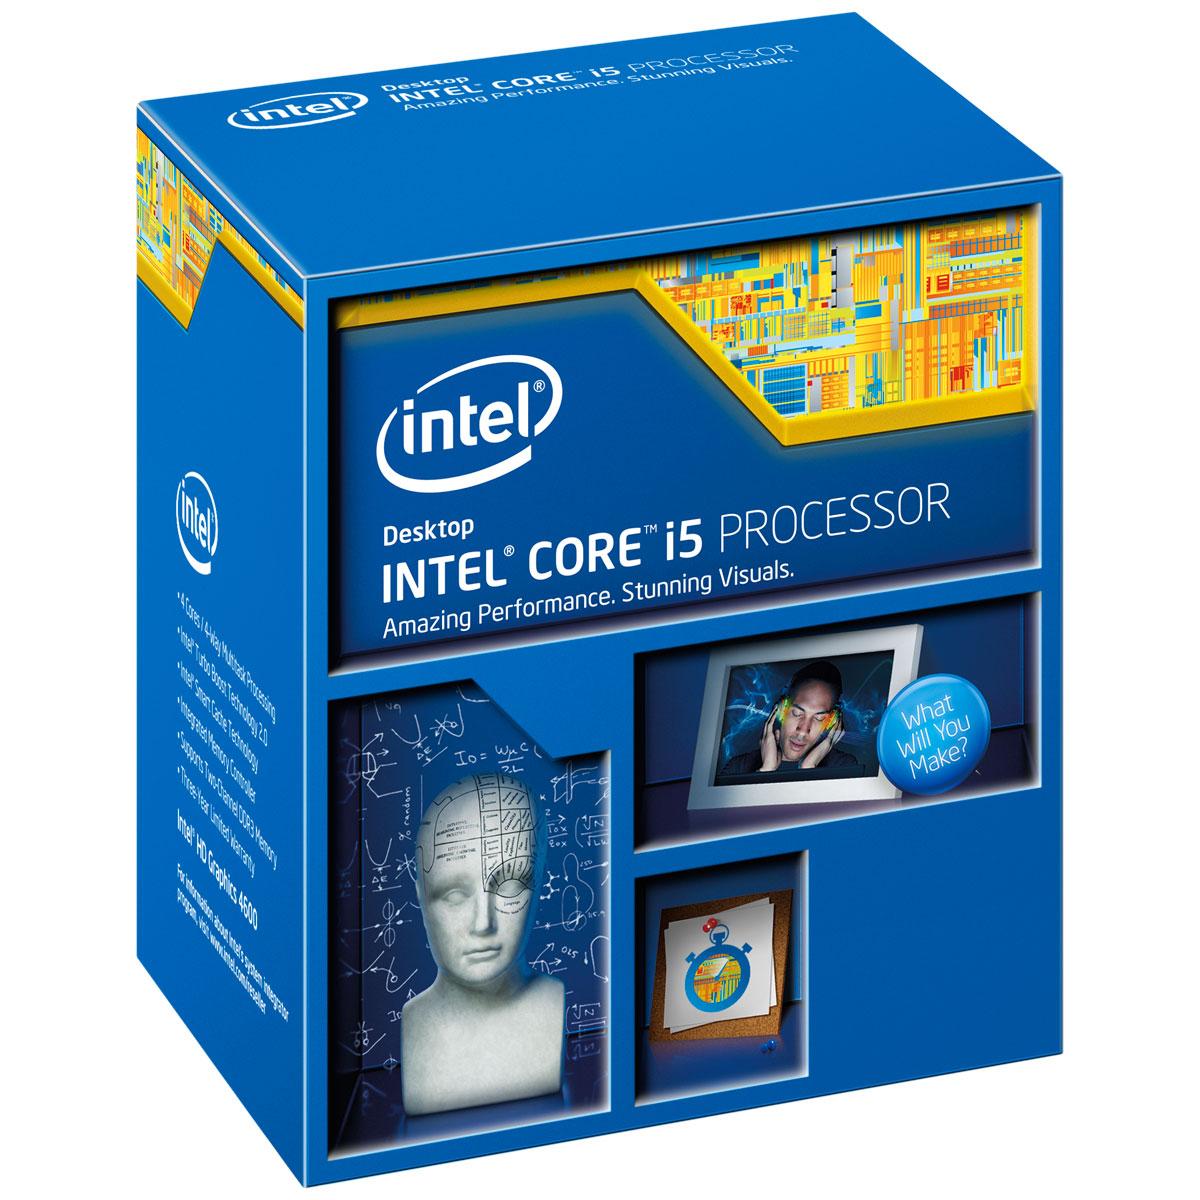 Processeur Intel Core i5-4670 (3.4 GHz) Processeur Quad Core Socket 1150 Cache L3 6 Mo Intel HD Graphics 4600 0.022 micron (version boîte - garantie Intel 3 ans)